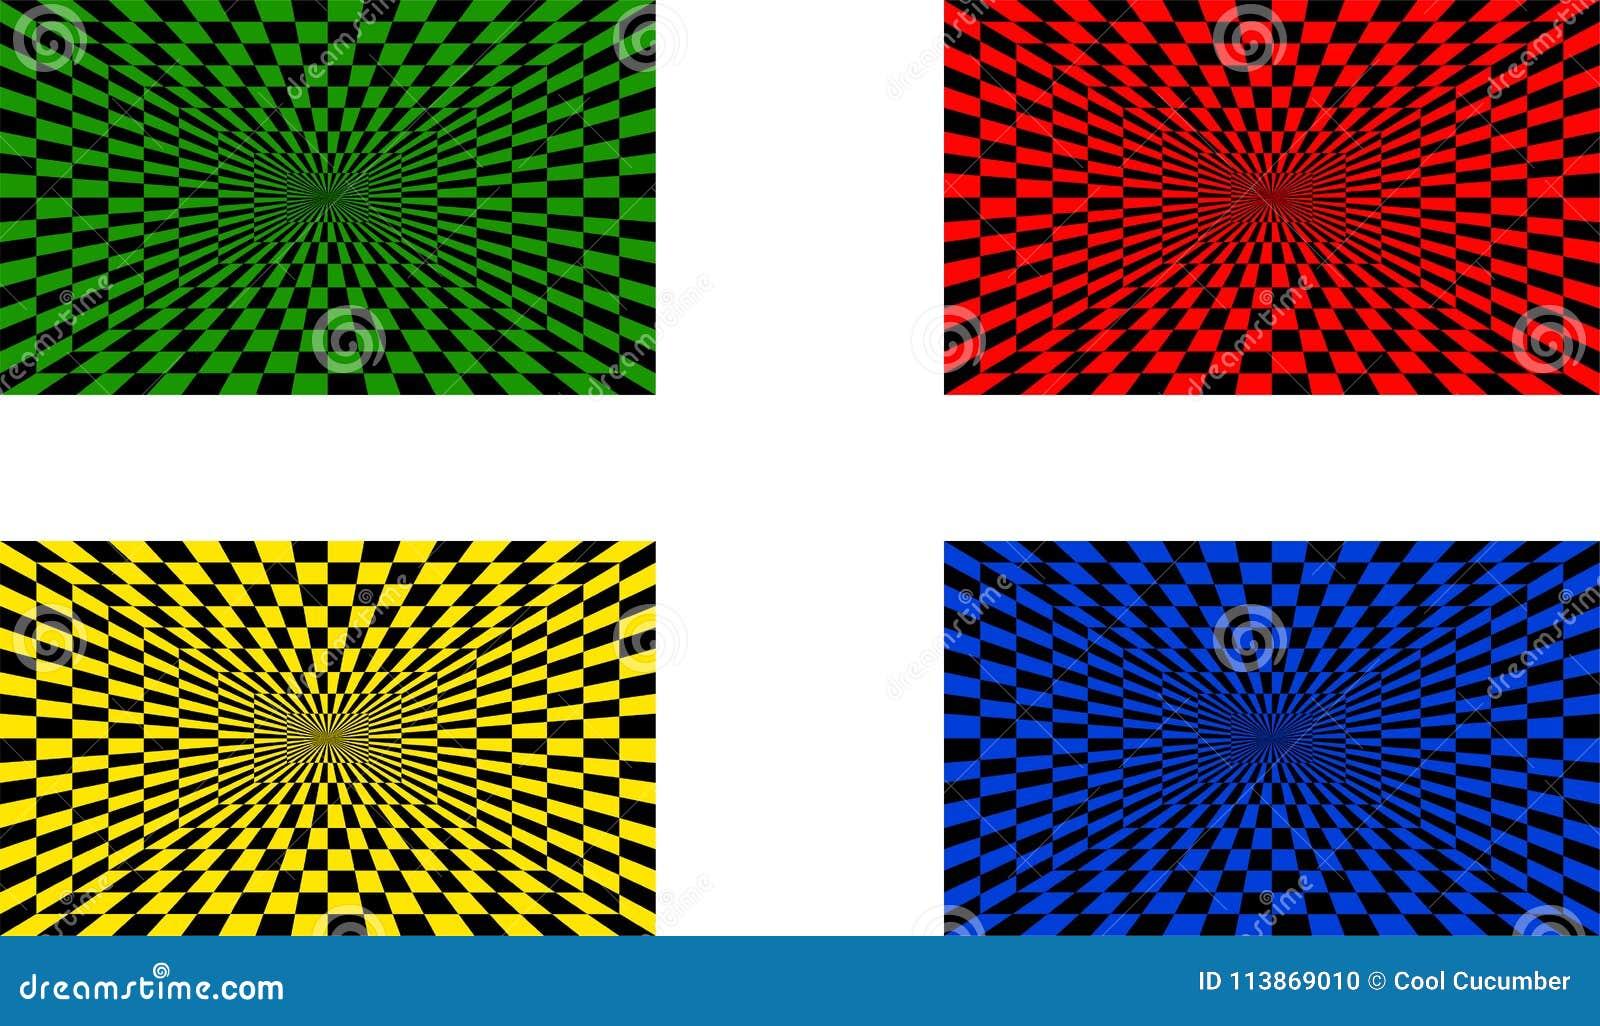 Ilusões óticas ajustadas de quatro